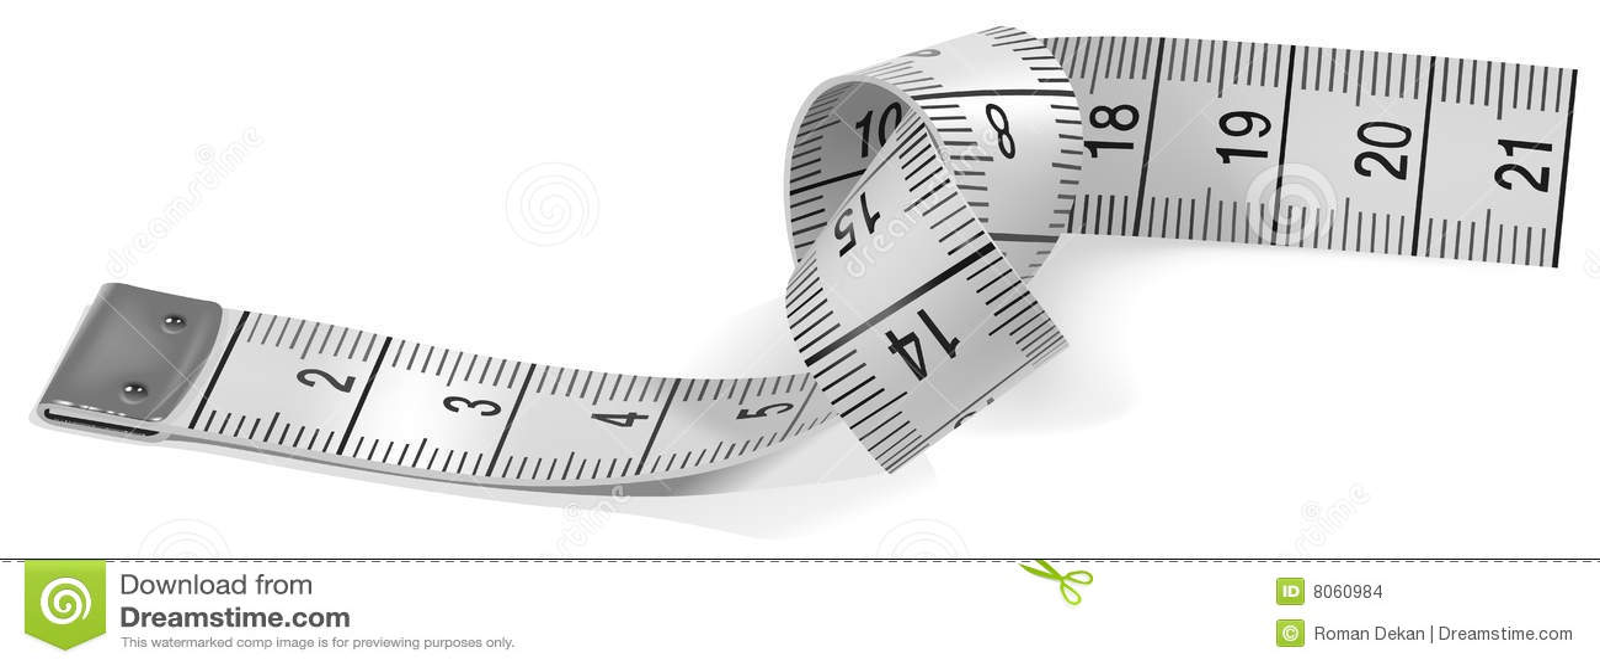 Medida de fita